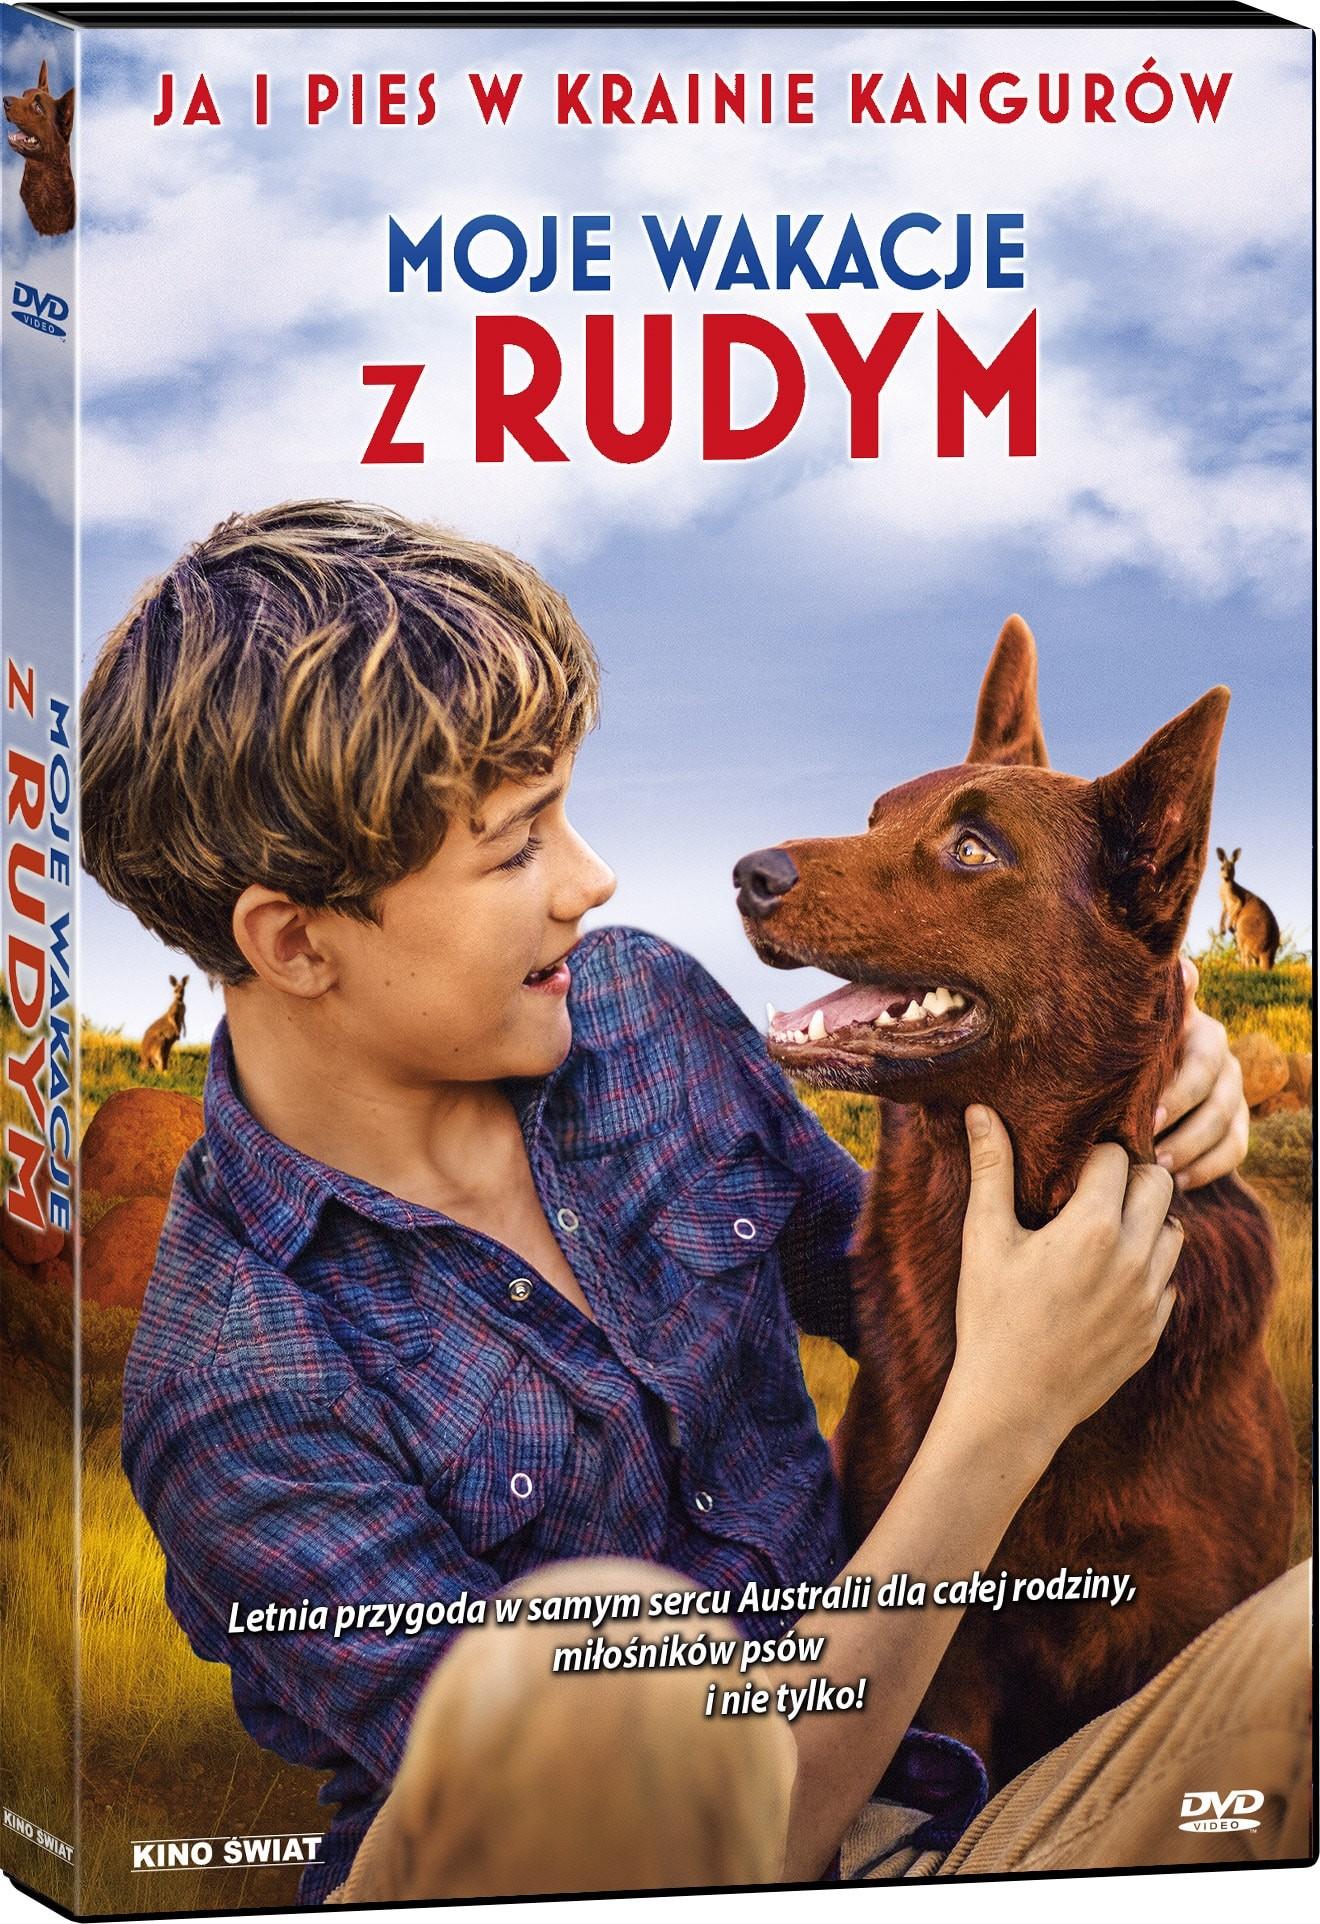 3D_DVD__MojeWakacjezRudym-min.jpeg